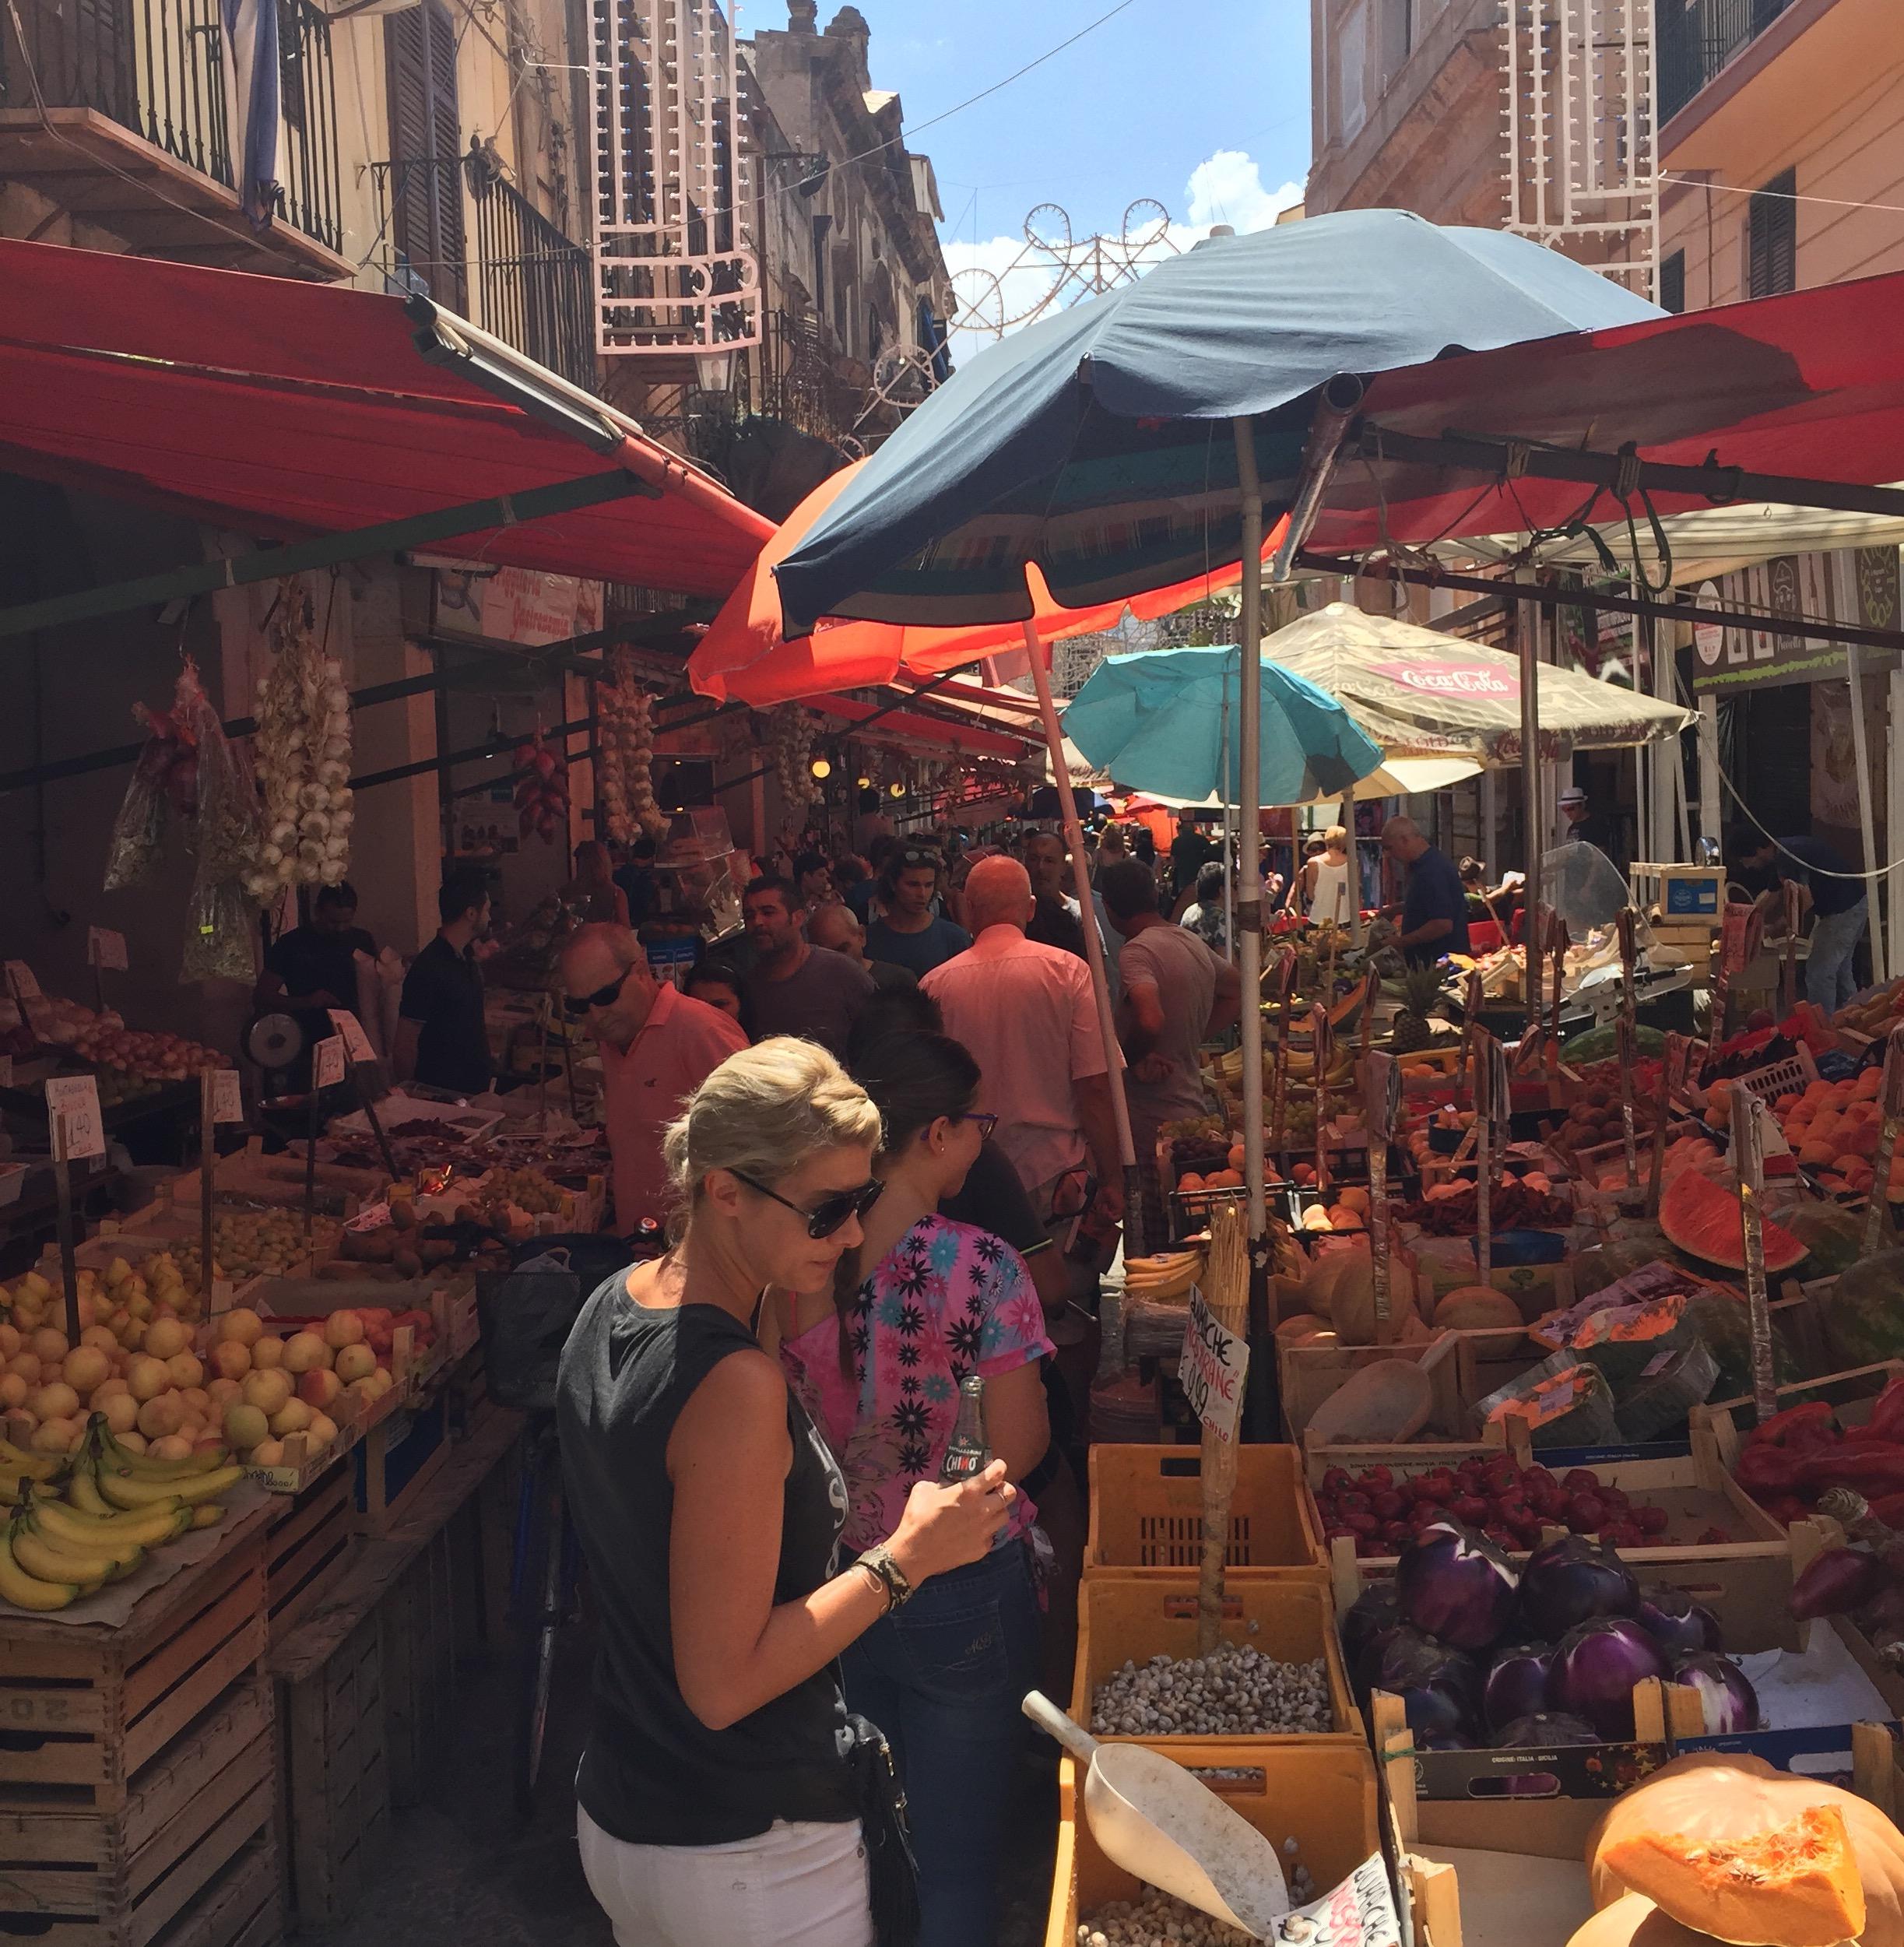 The Capo market in Palermo